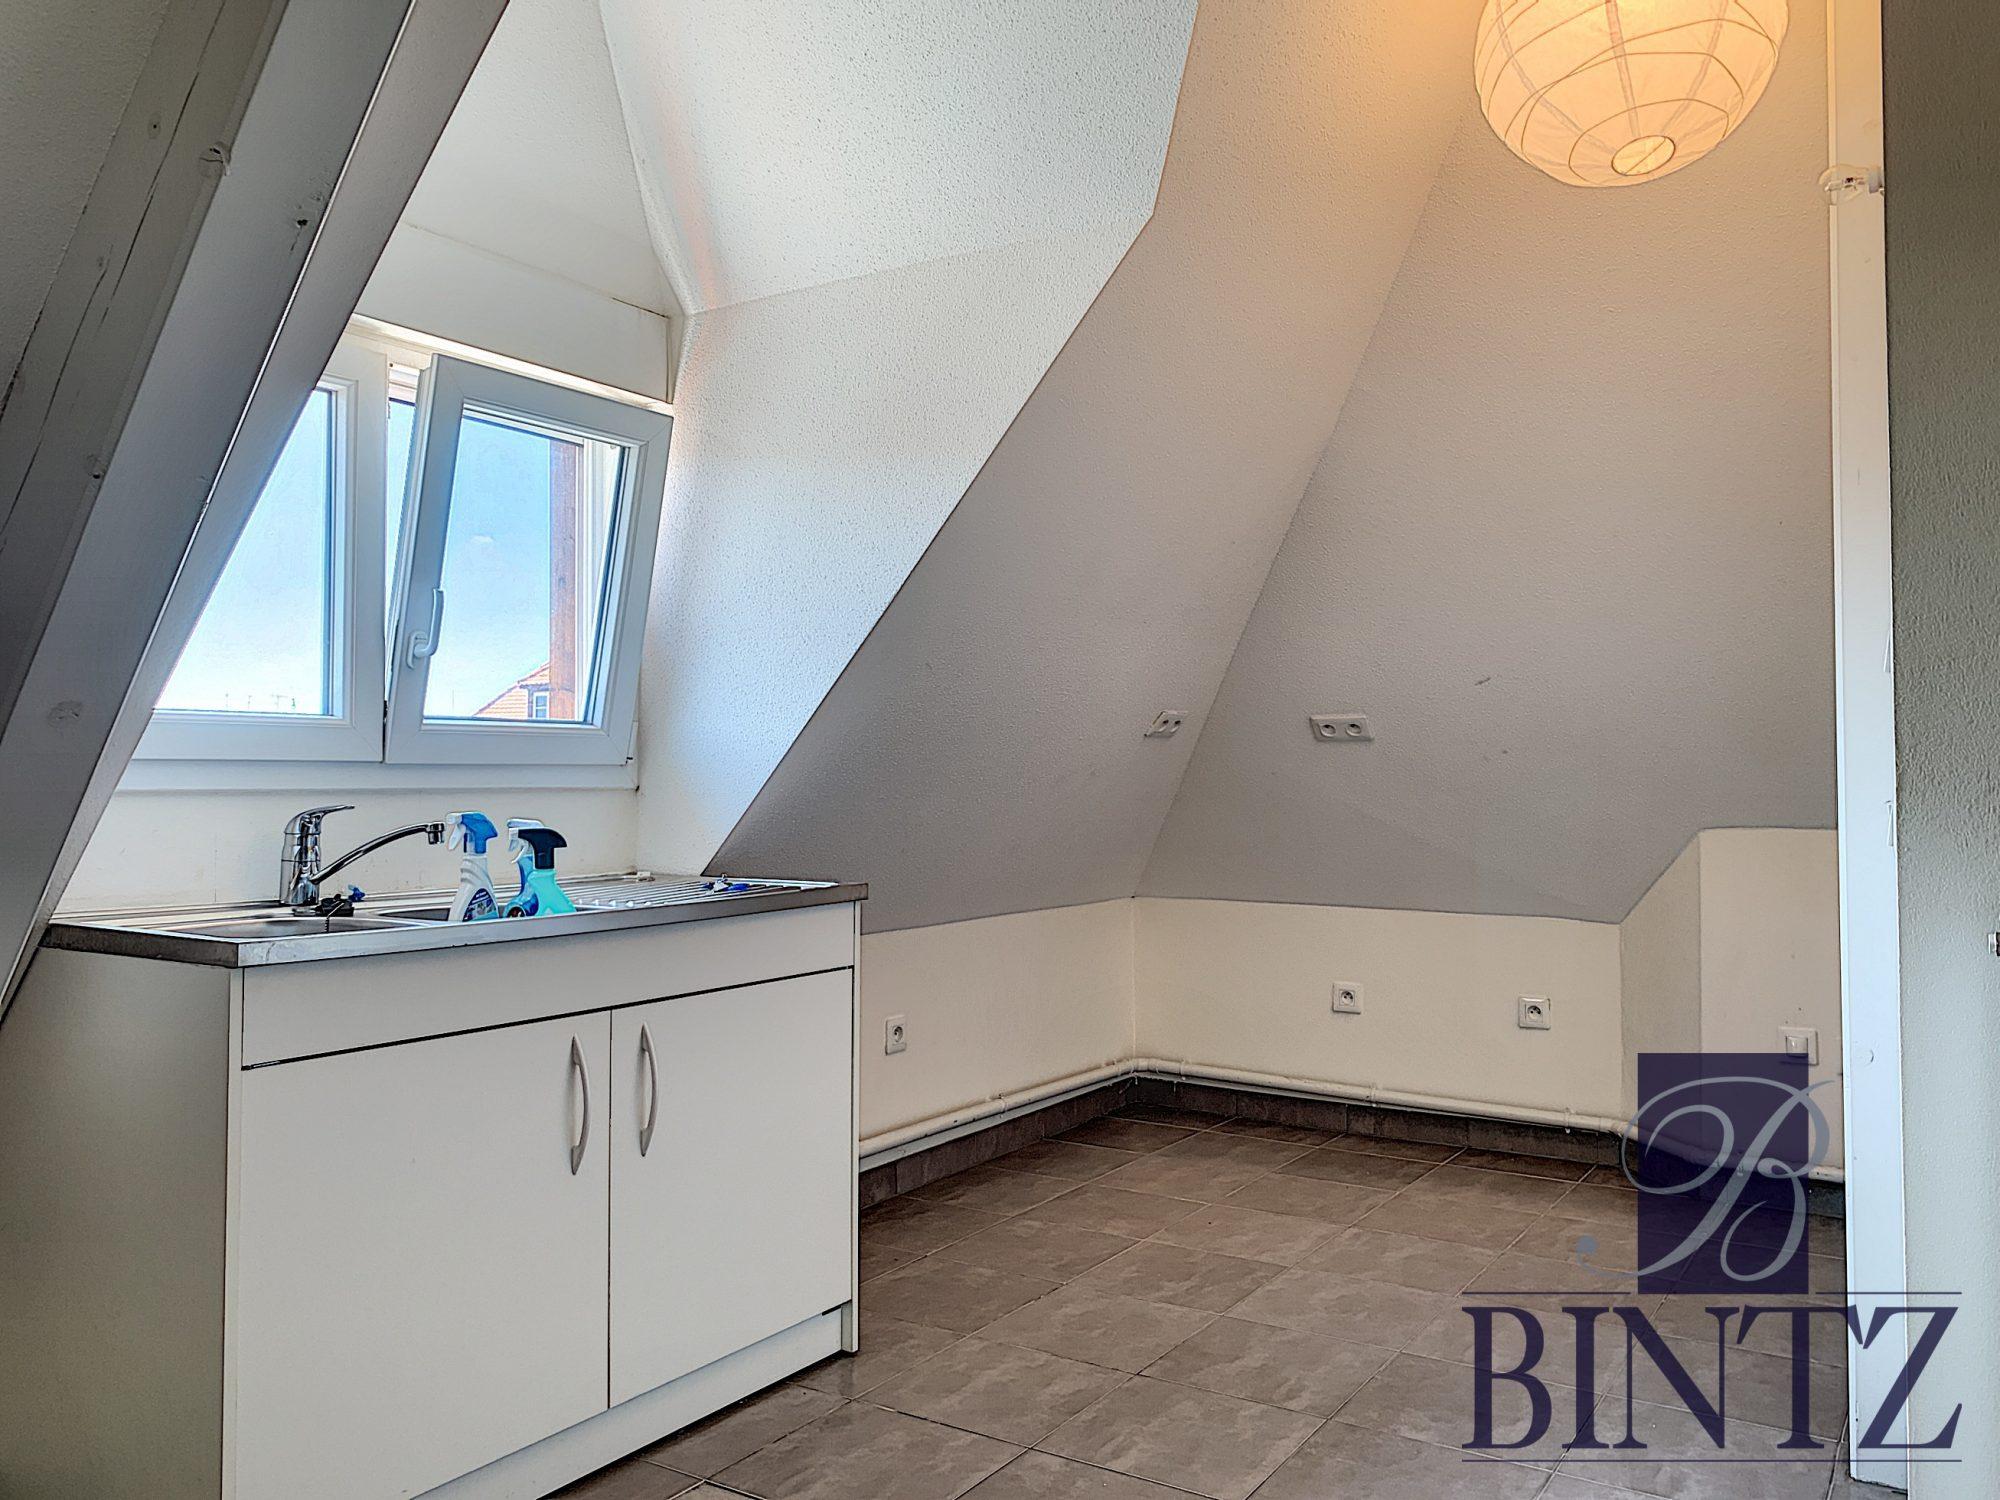 2 PIÈCES AVEC PARKING SCHILTIGHEIM - Devenez propriétaire en toute confiance - Bintz Immobilier - 6